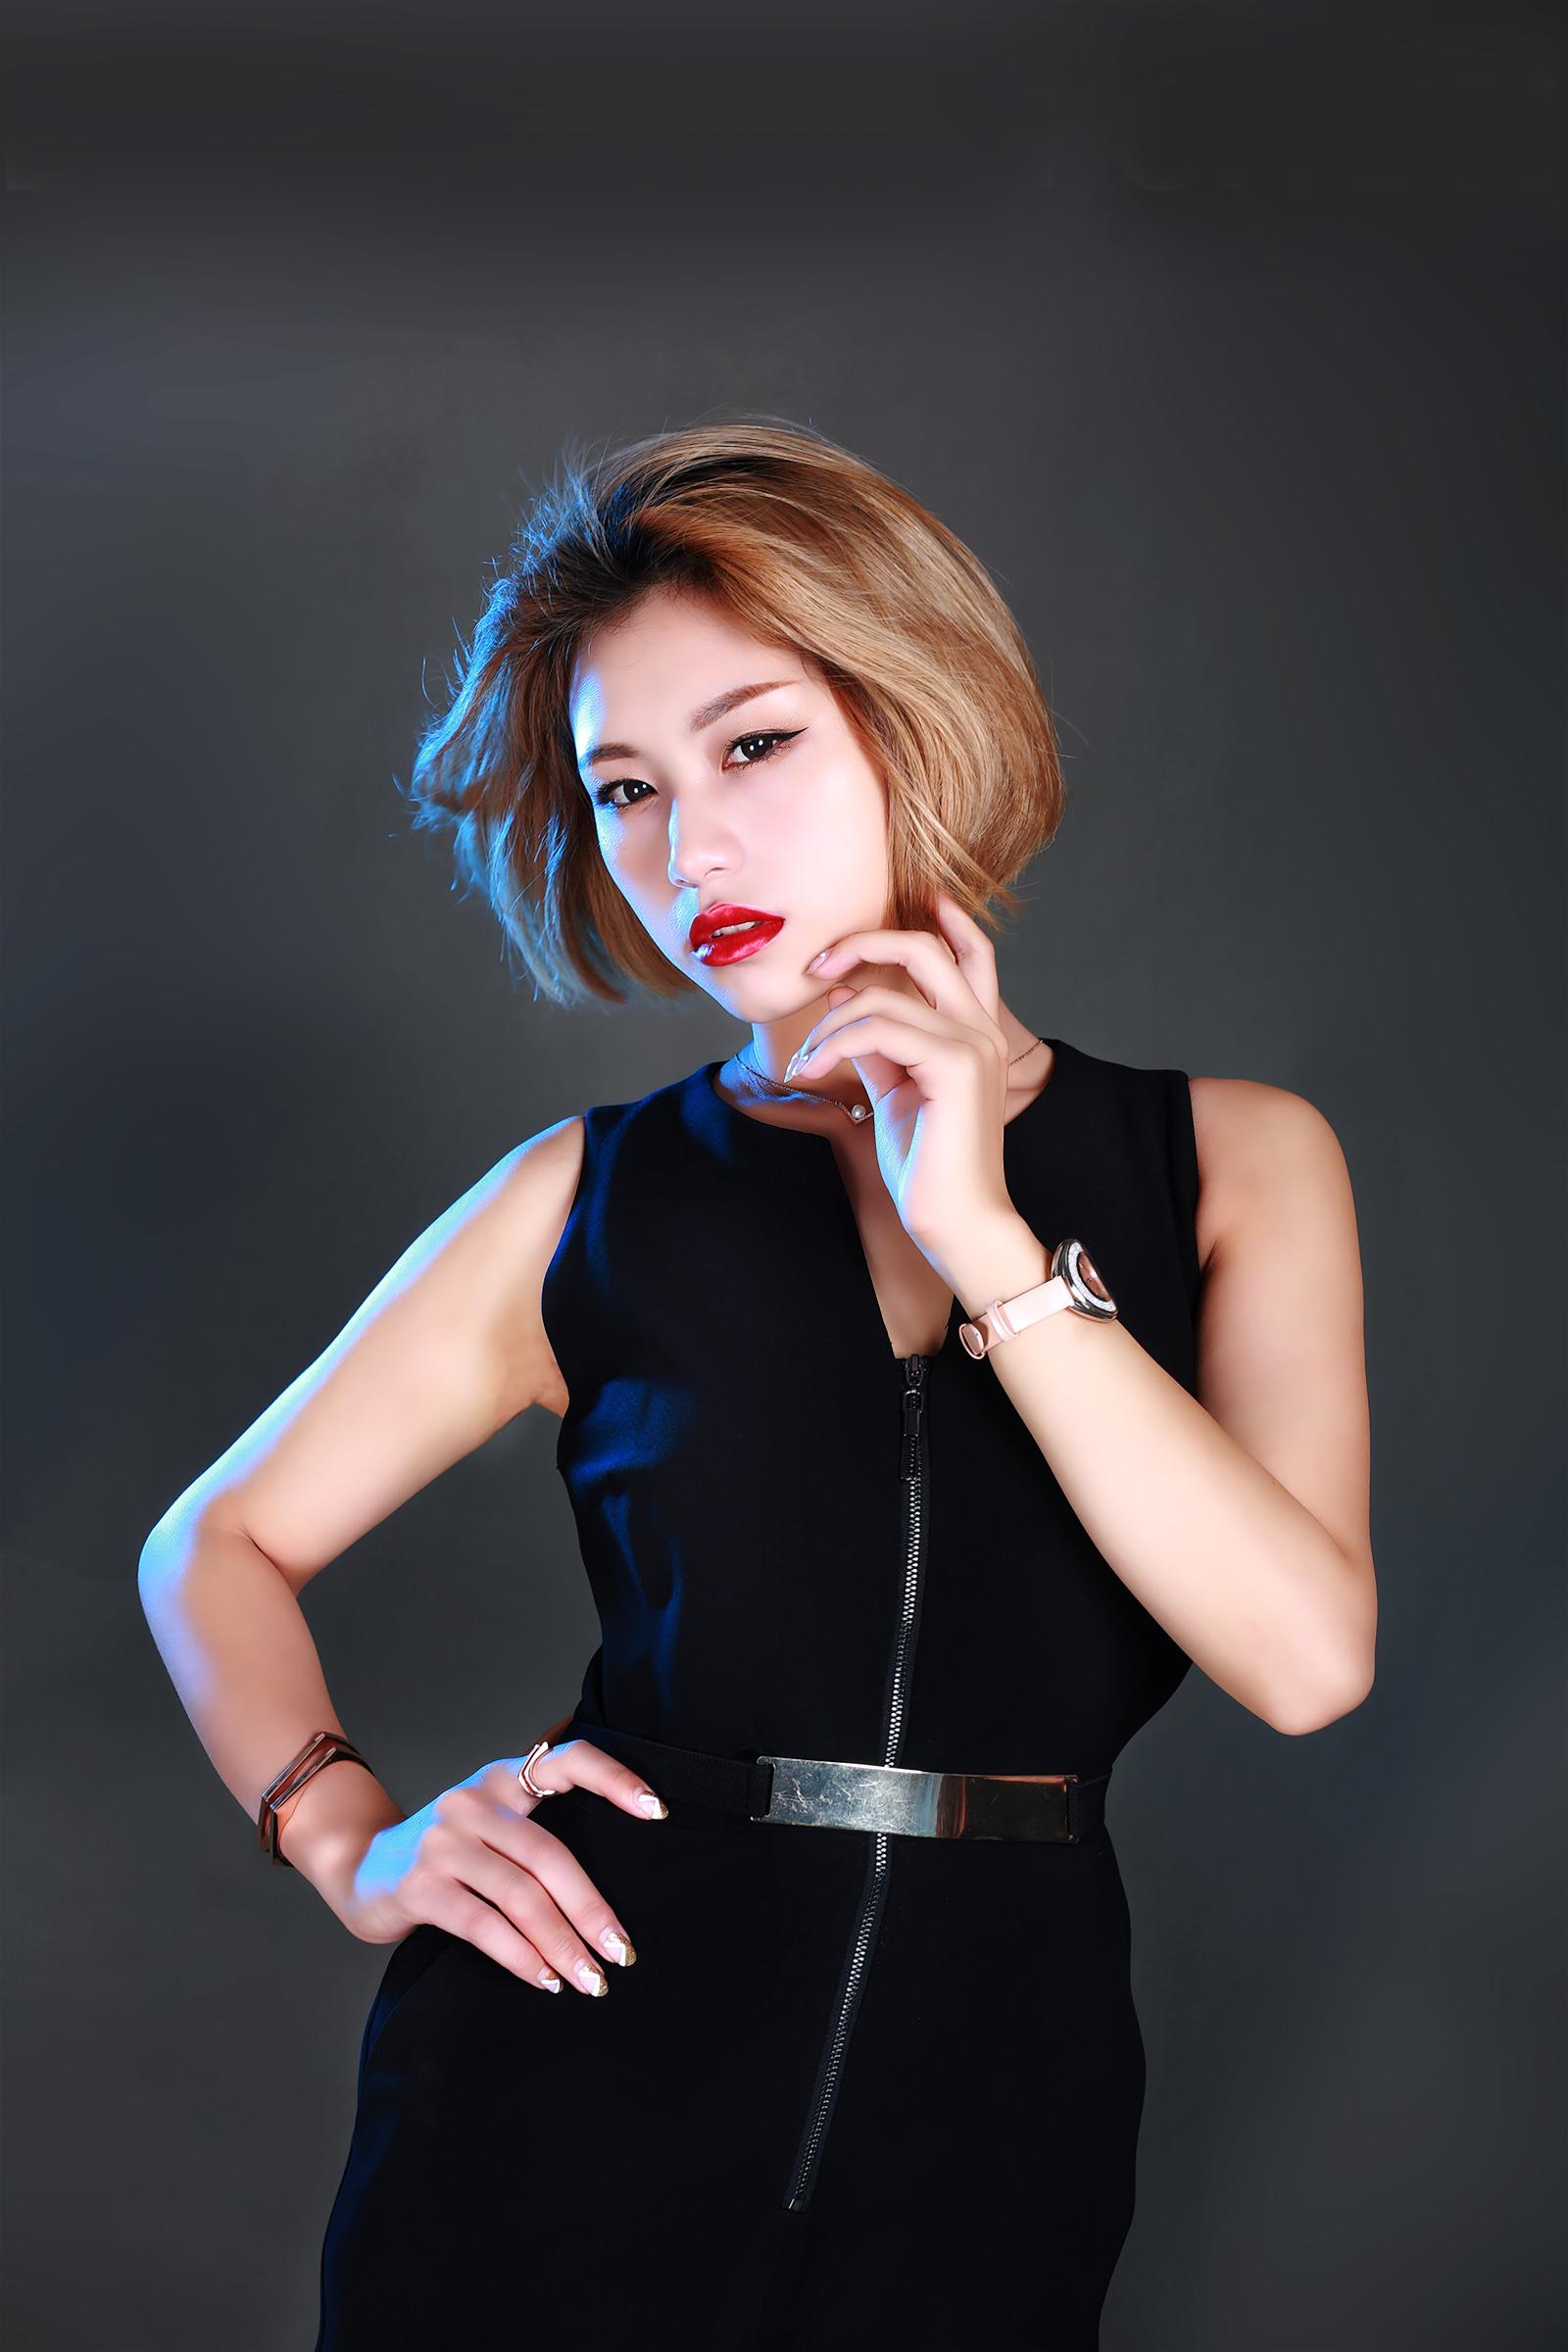 优雅,是一种岁月【花仙子情感美文】 - 花仙子 - 花仙子的博客.